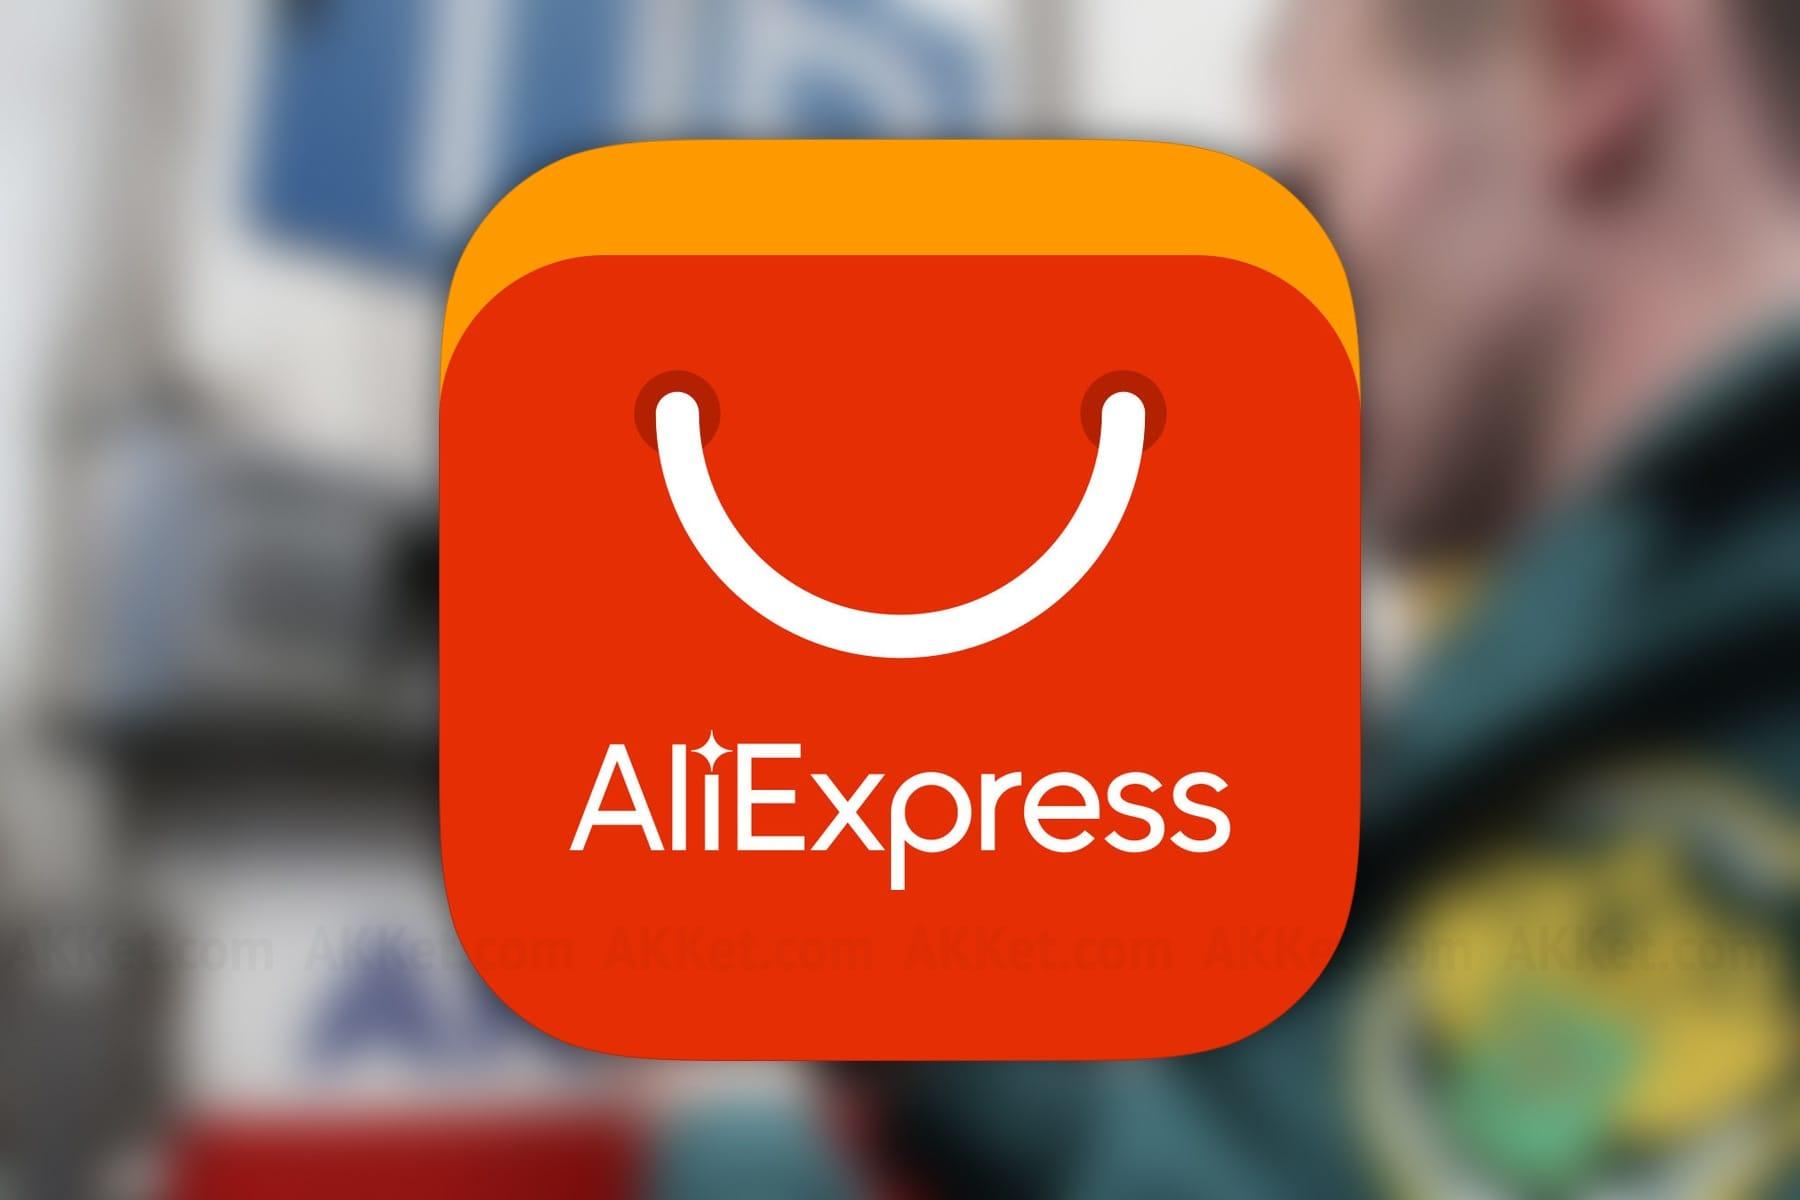 ทริปนี้ มีกระเป๋ารึยัง? จัดเลย! Aliexpress มีสินค้าต่างๆให้ในราคาพิเศษ